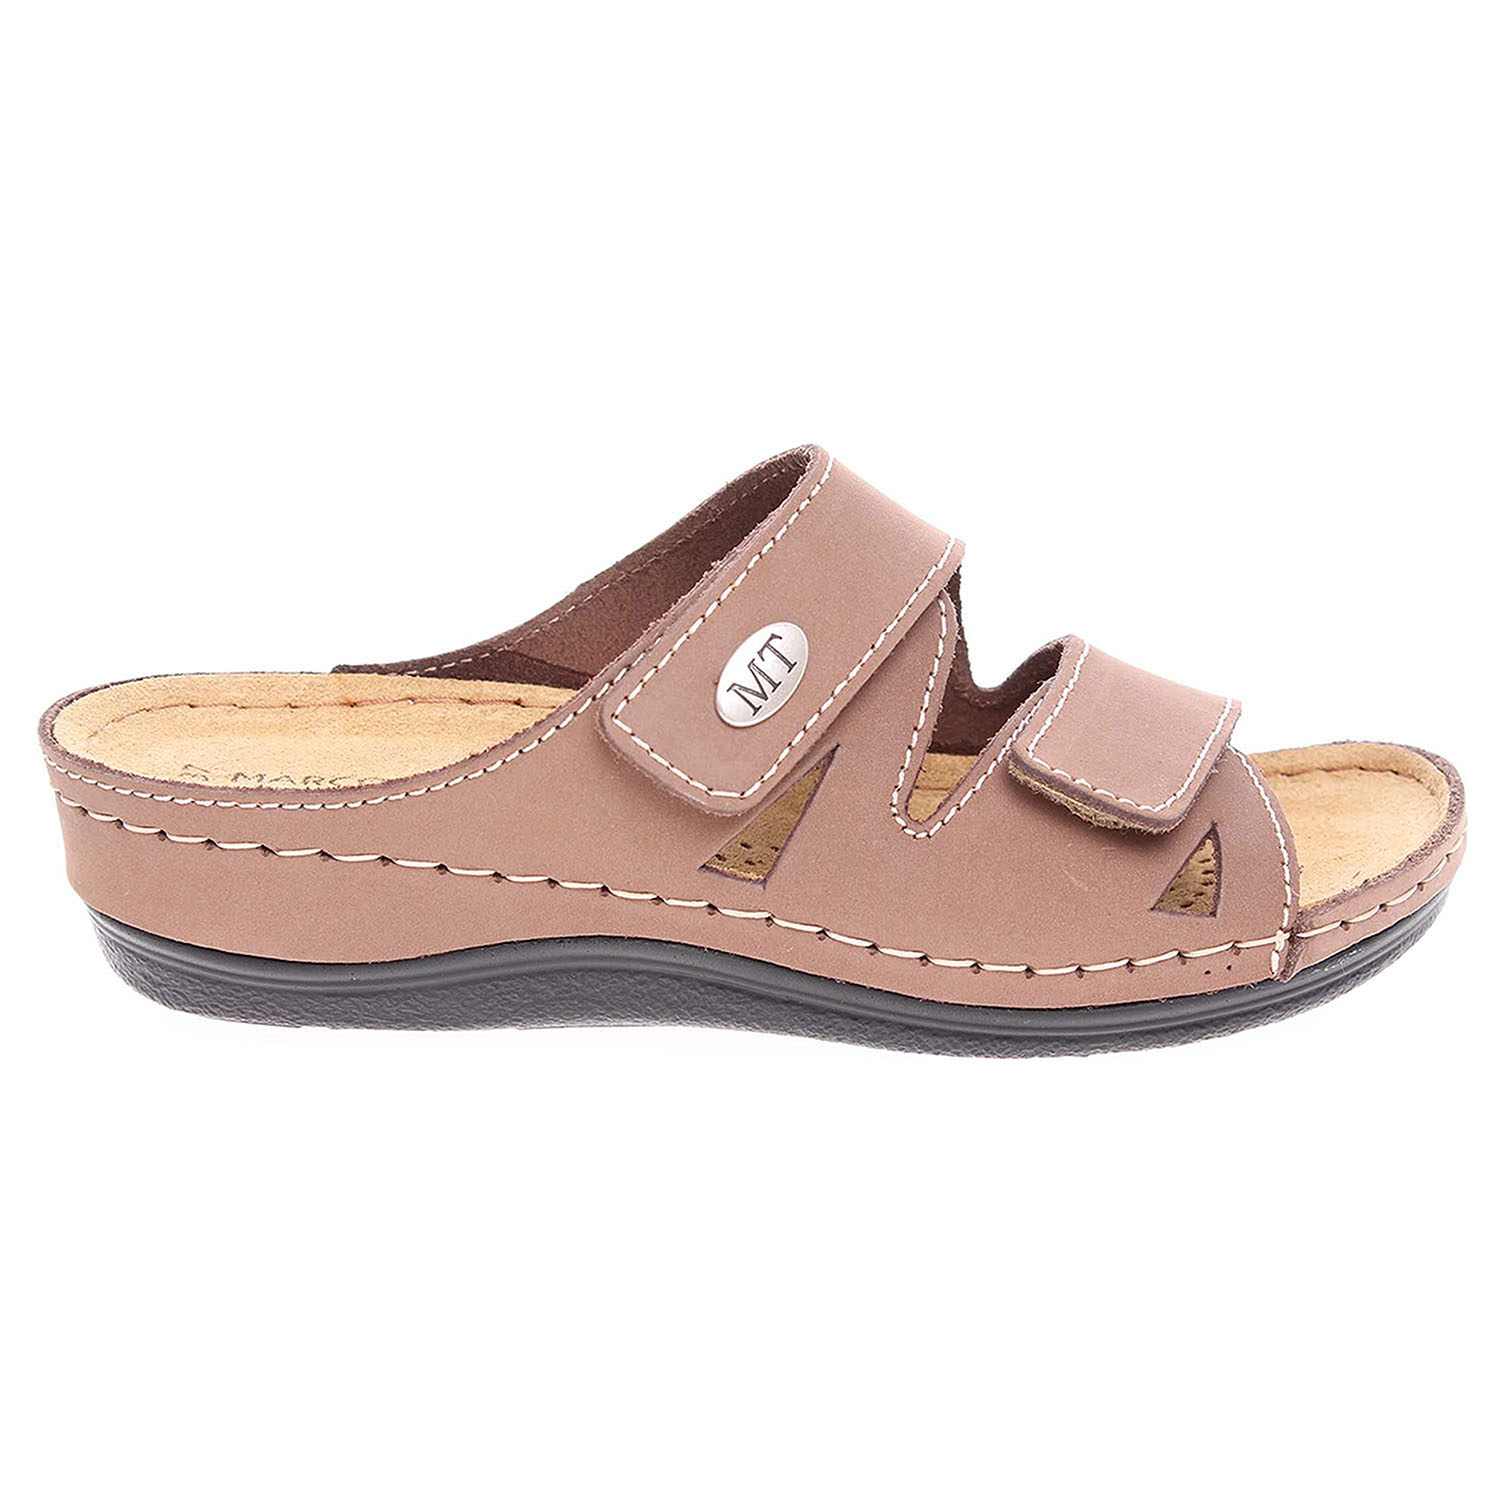 Ecco Marco Tozzi dámské pantofle 2-27512-28 béžové 23400308